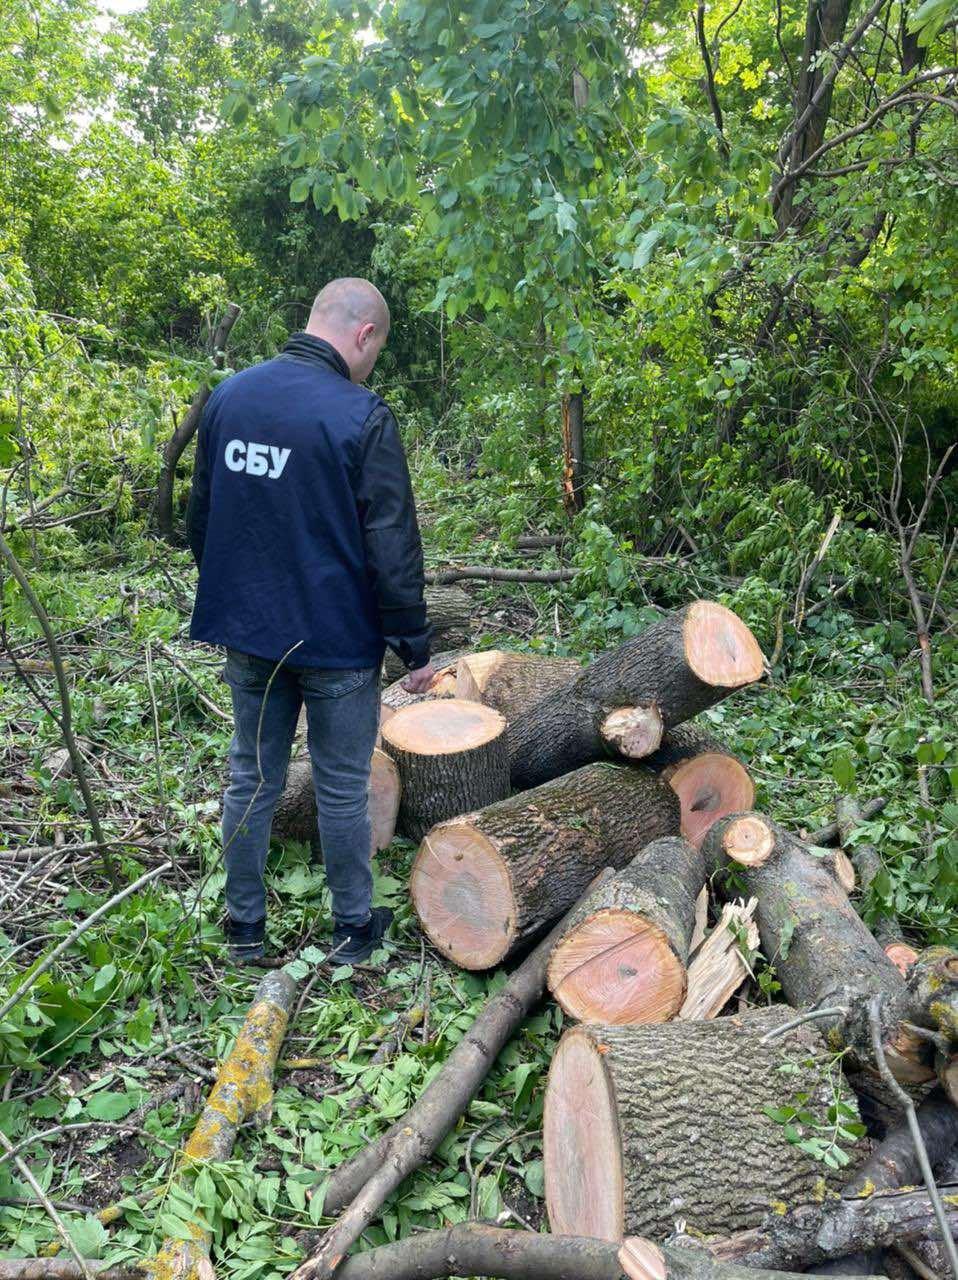 Правоохоронці задокументували незаконну вирубку лісу на території Кам'янець-Подільського району, фото-1, Фото: СБУ